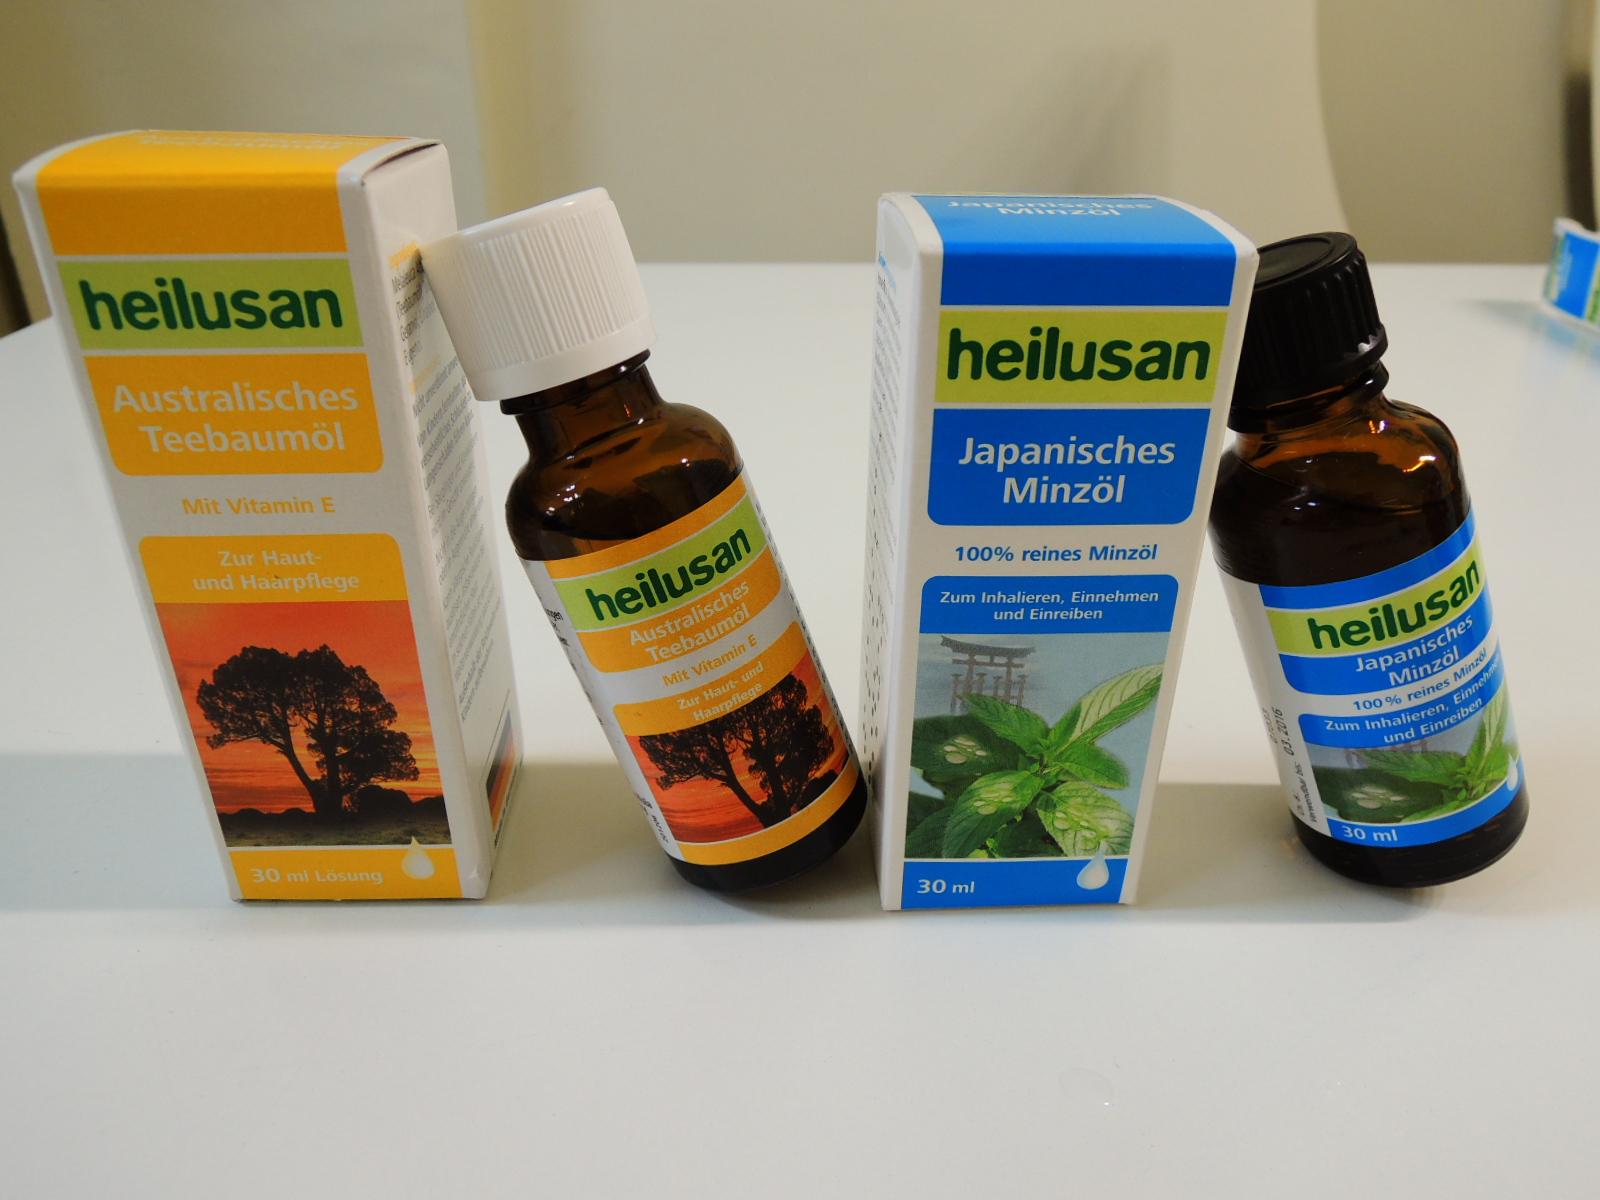 好立善德國萬用油〈100%胡椒薄荷精油〉&澳洲茶樹精油